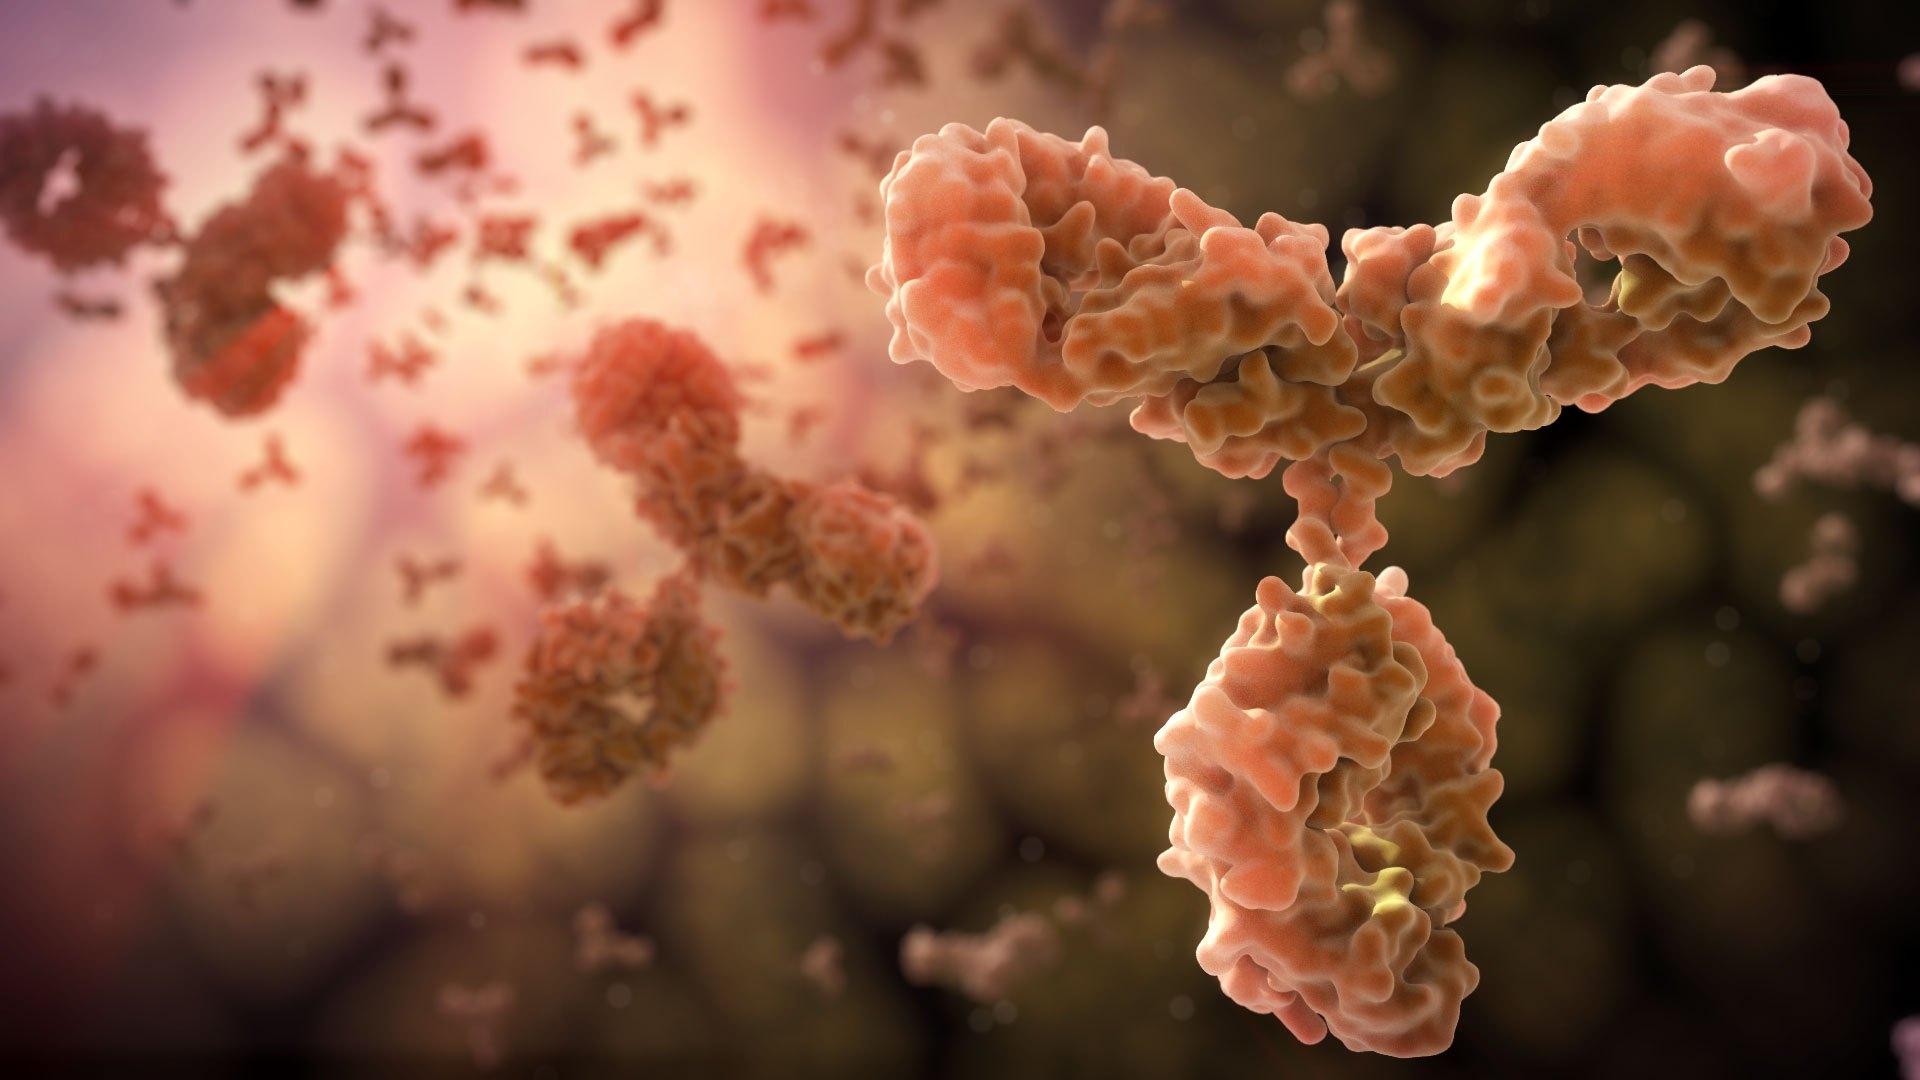 Virüslerin reseptörlerine tutunarak onları etkisizleştirebilen ve B lenfositlerden salgılanan gerçekçi antikor illüstrasyonu.